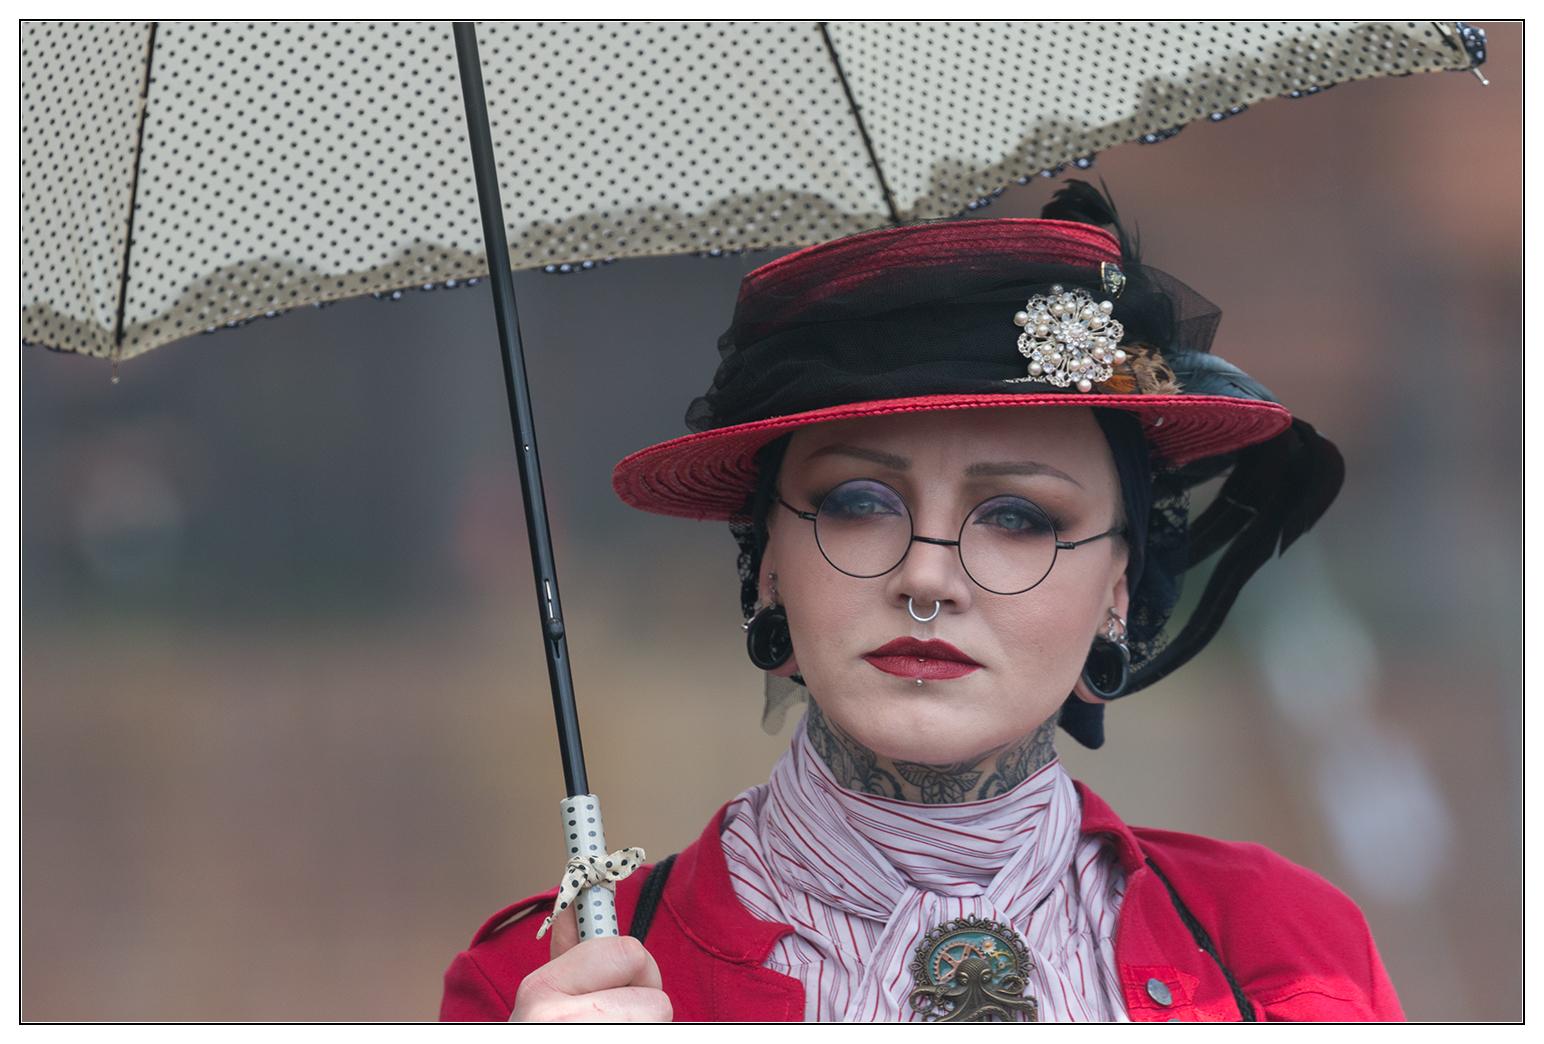 Dame plus Schirm